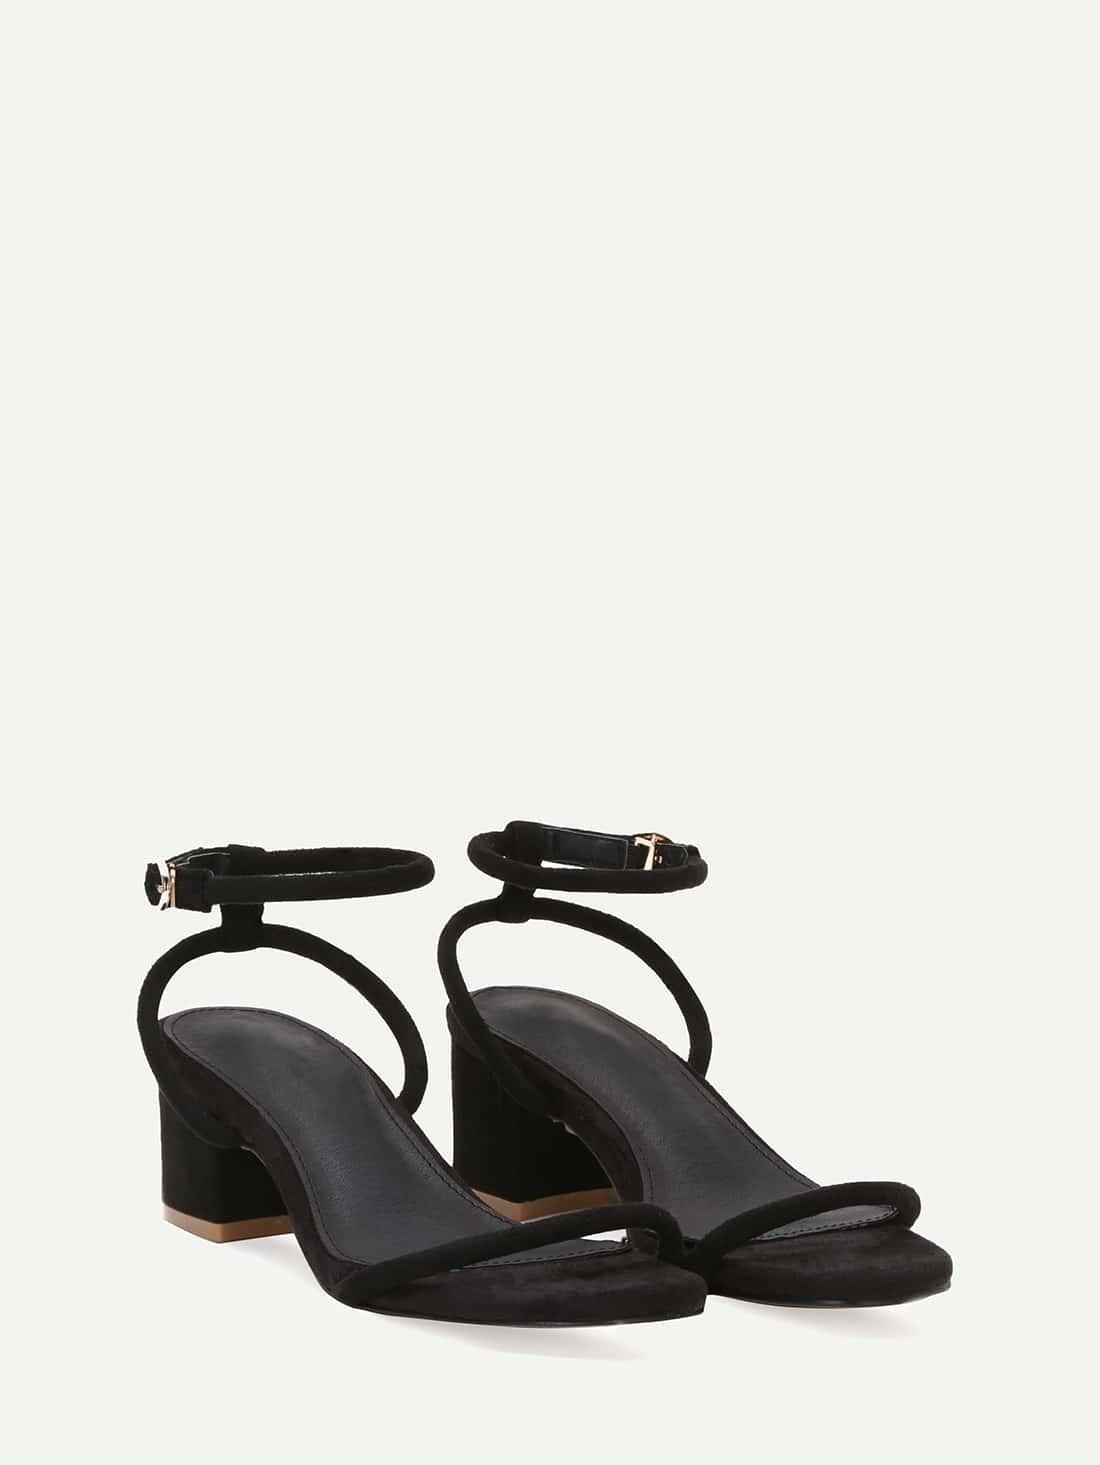 Sandales talon en faux daim noir french romwe for Acheter maison suede